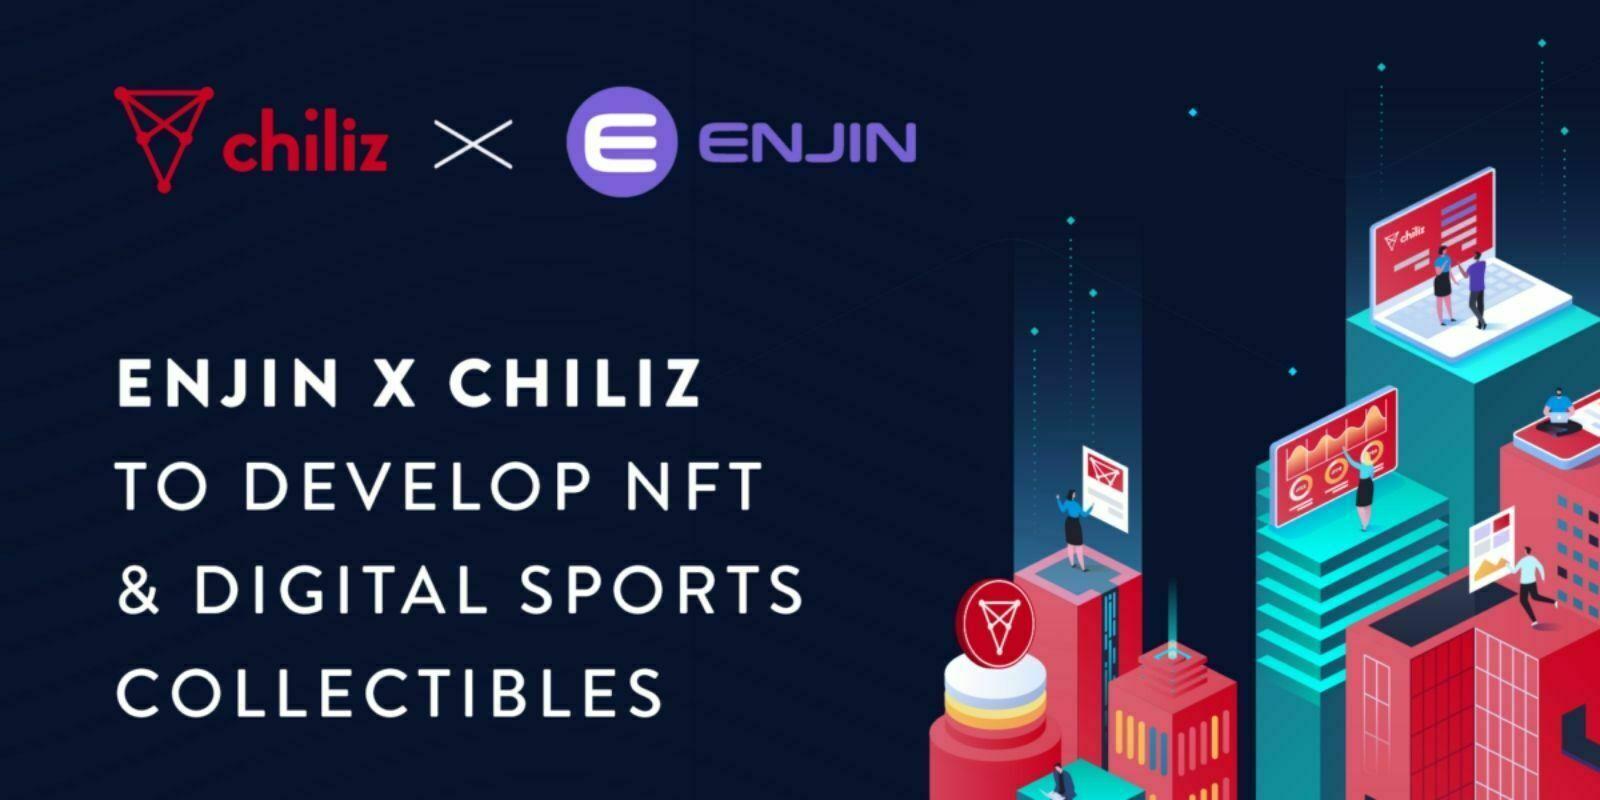 Chiliz collabore avec Enjin pour l'introduction de NFTs sur Socios.com